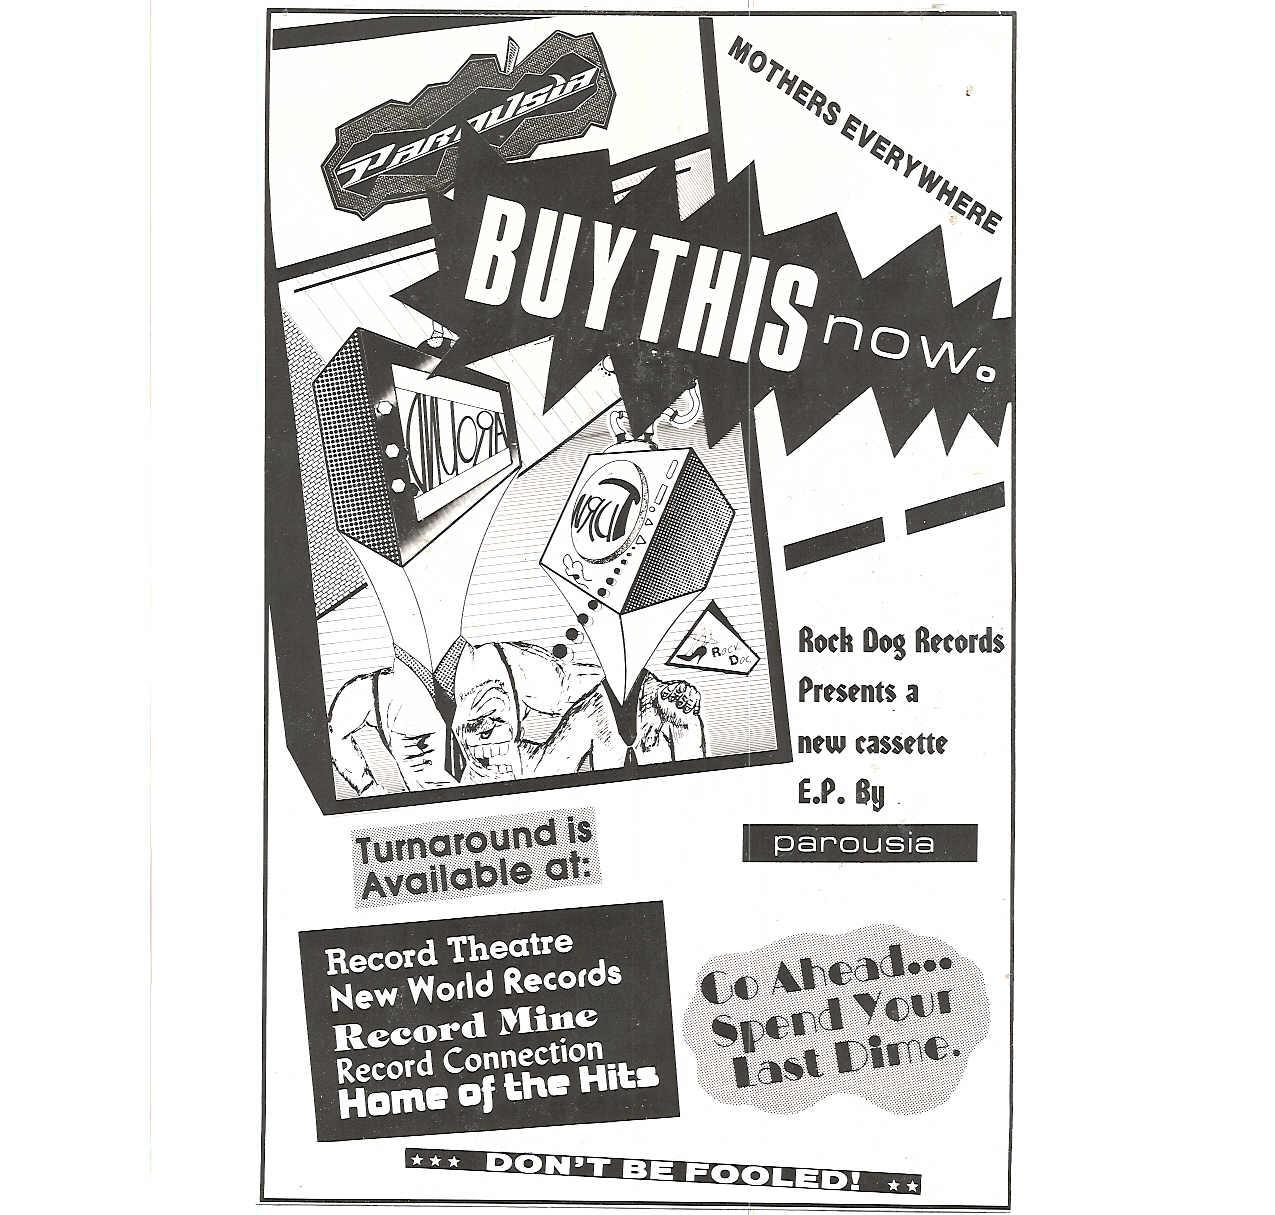 1988 Buffalo Ad for Parousia's Turnaround EP